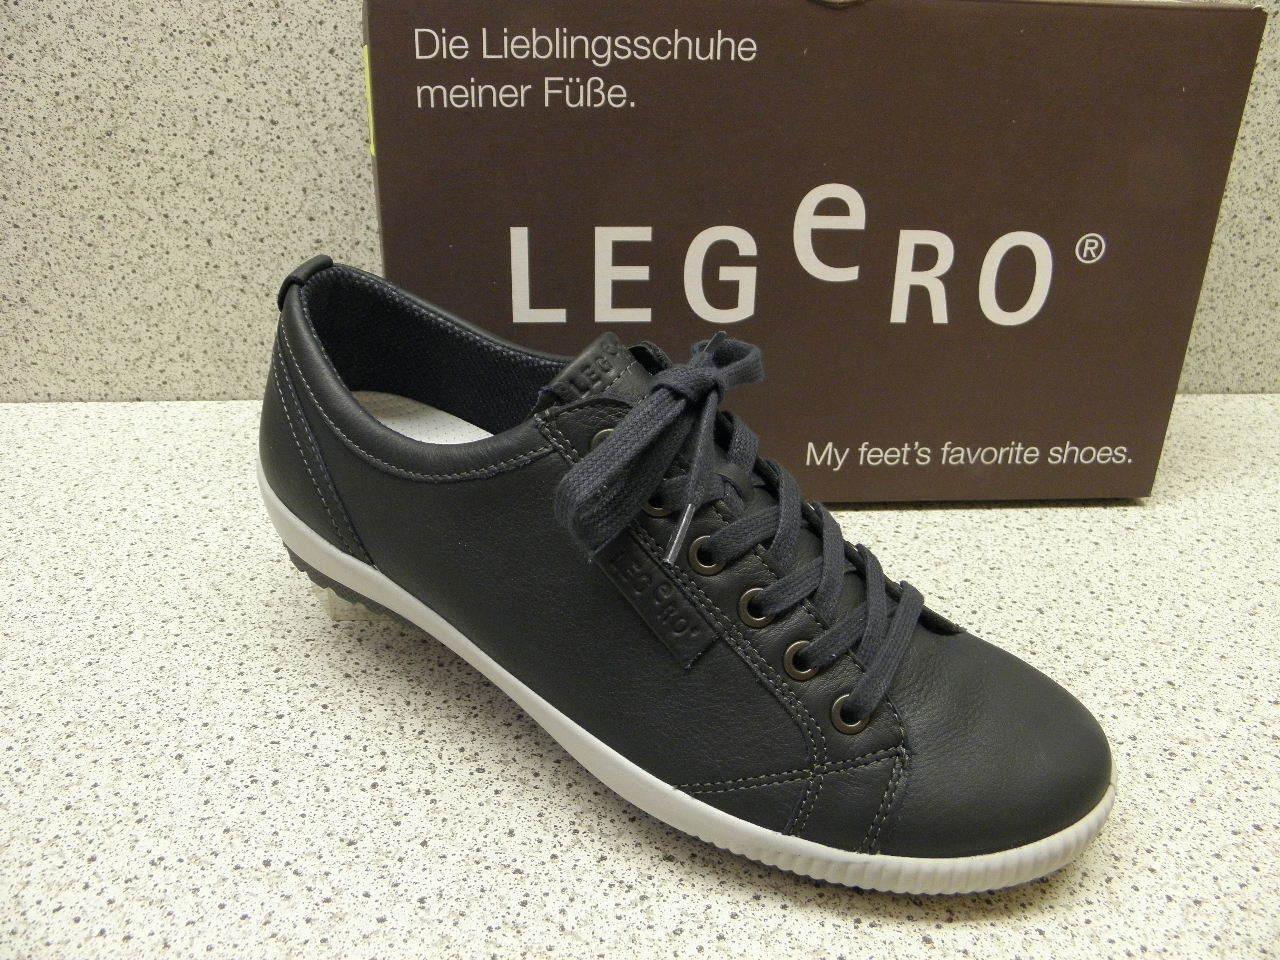 Legero ®  rotuziert,  Top Preis, Neu, Schnürschuh, Leder, blau (L13)  | Wonderful  | Mama kaufte ein bequemes, Baby ist glücklich  | Erste in seiner Klasse